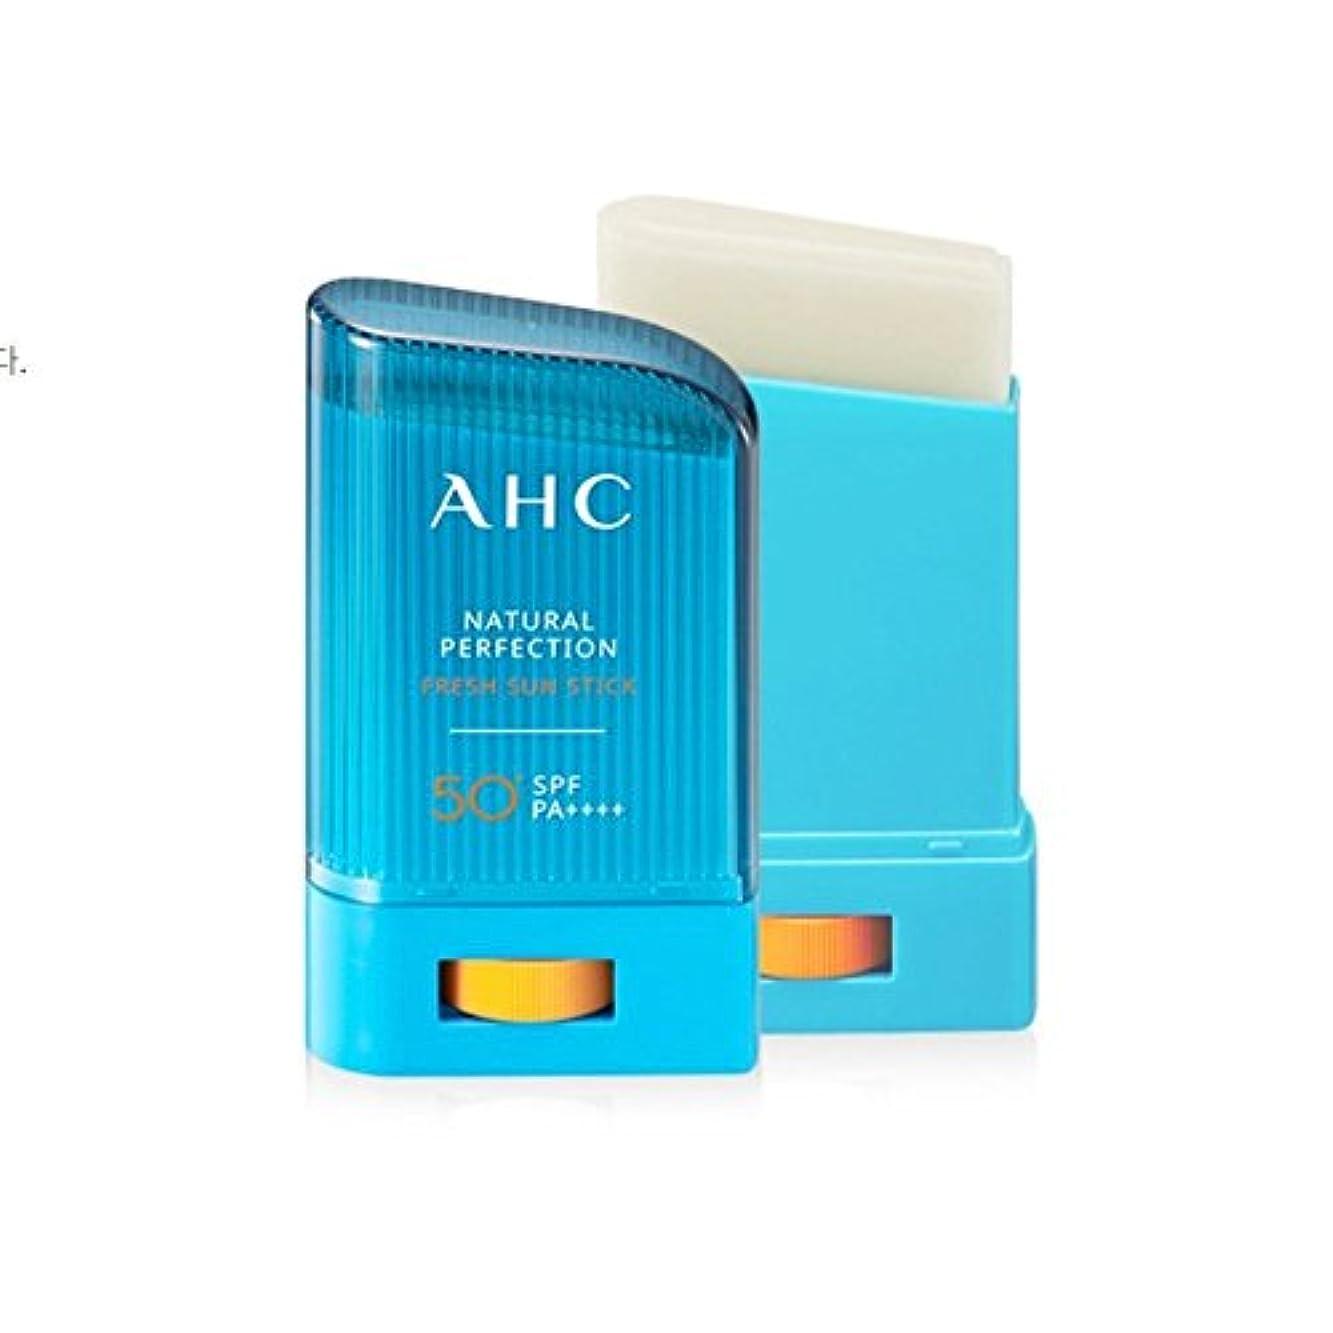 アルファベット順口九時四十五分[1+1] AHC Natural Perfection Fresh Sun Stick ナチュラルパーフェクションフレッシュサンスティック 22g * 2個 [並行輸入品]